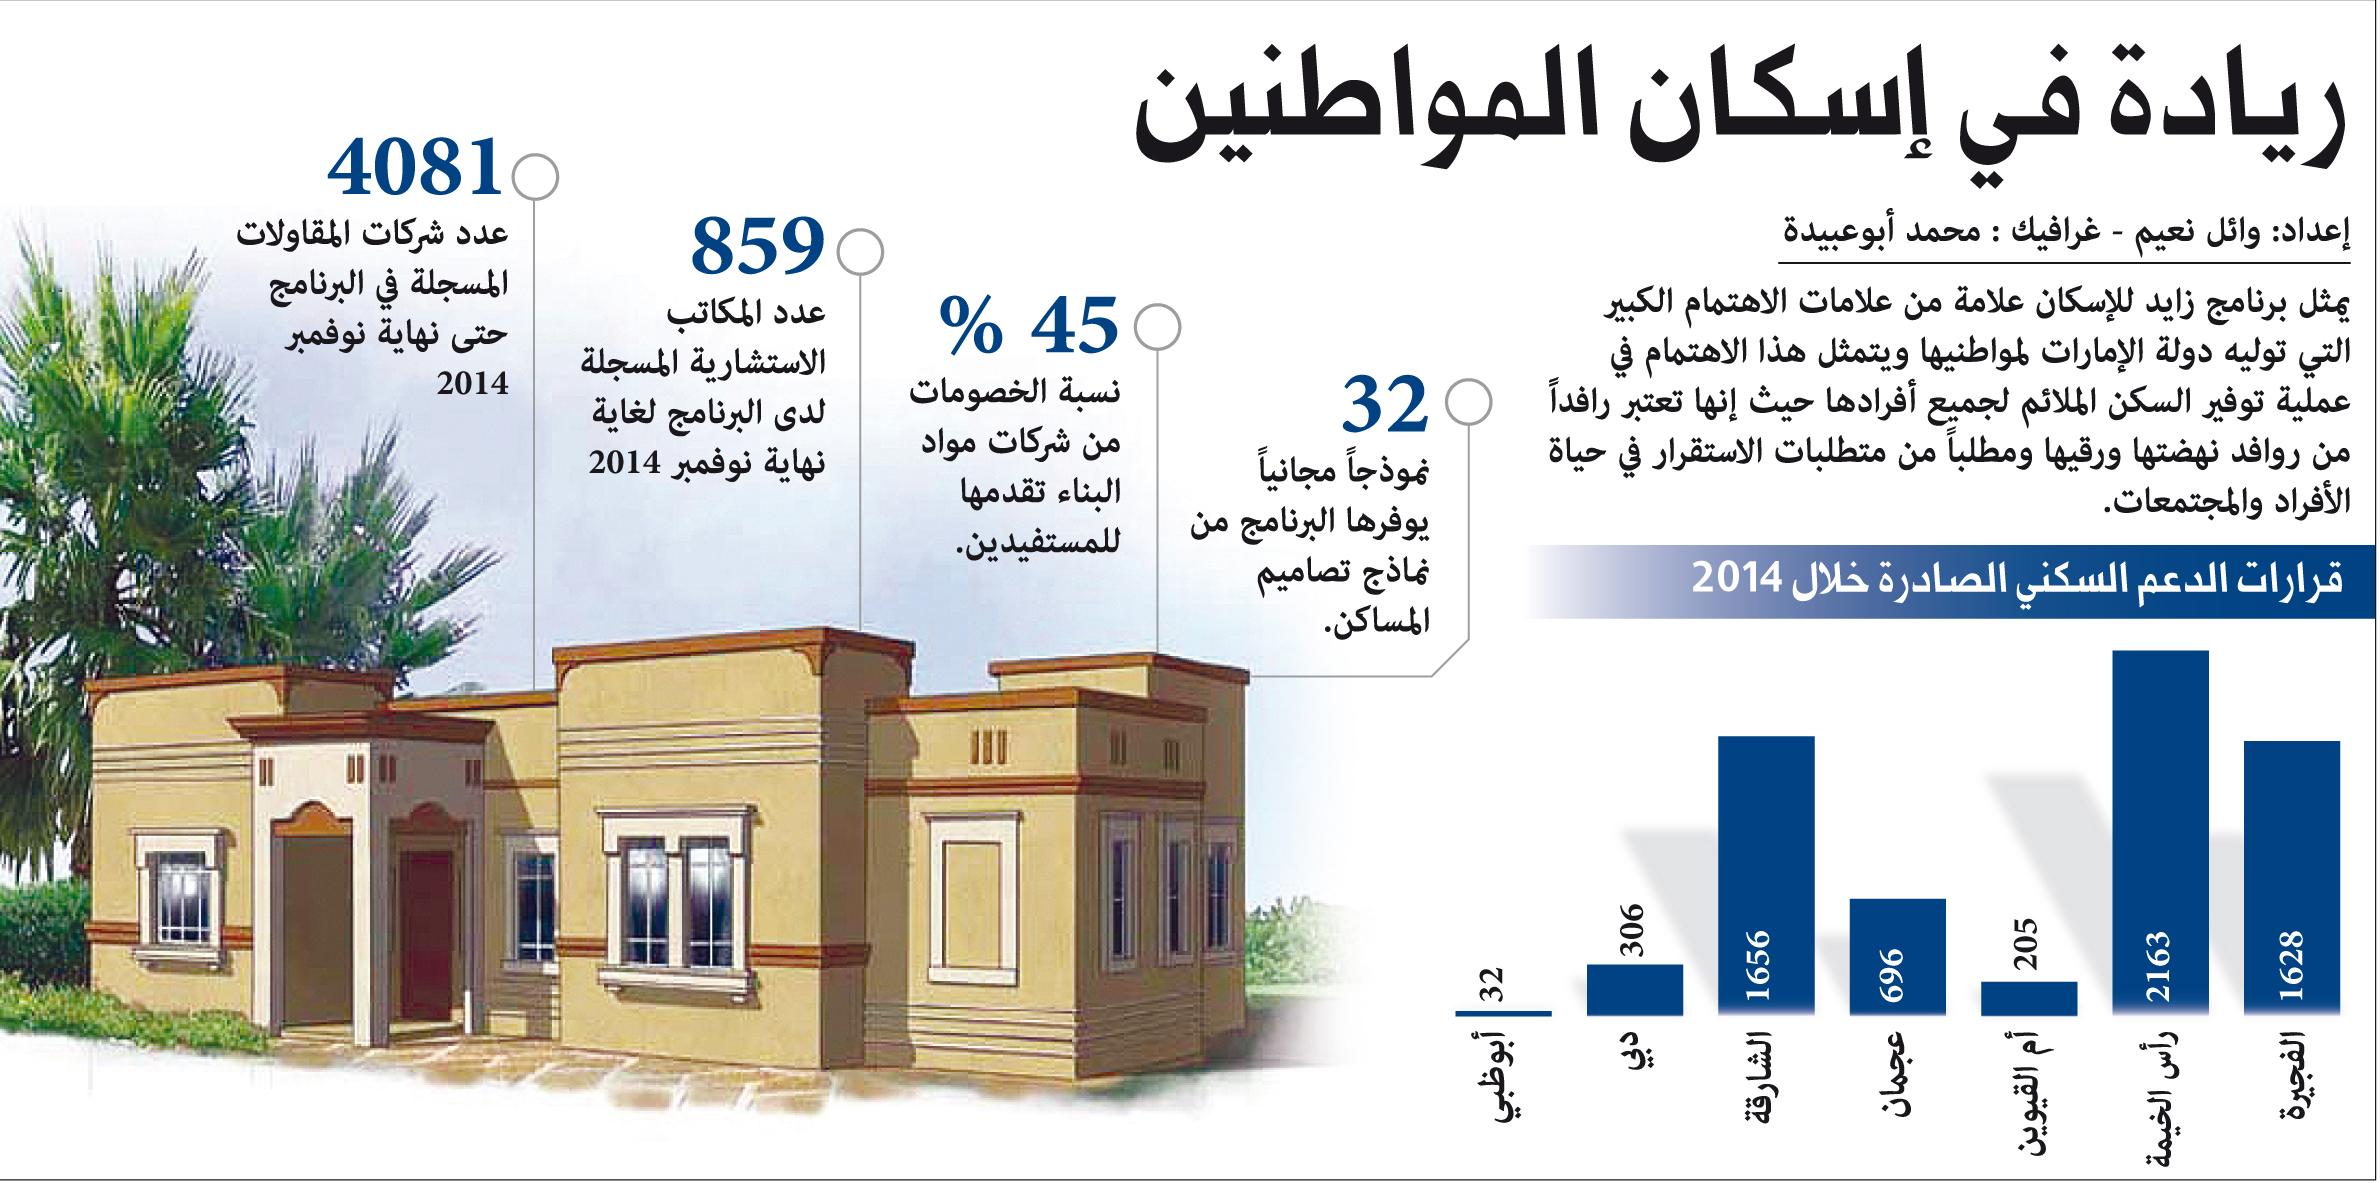 زايد للإسكان يصدر 6686 قرار دعم سكني العام الجاري عبر الإمارات